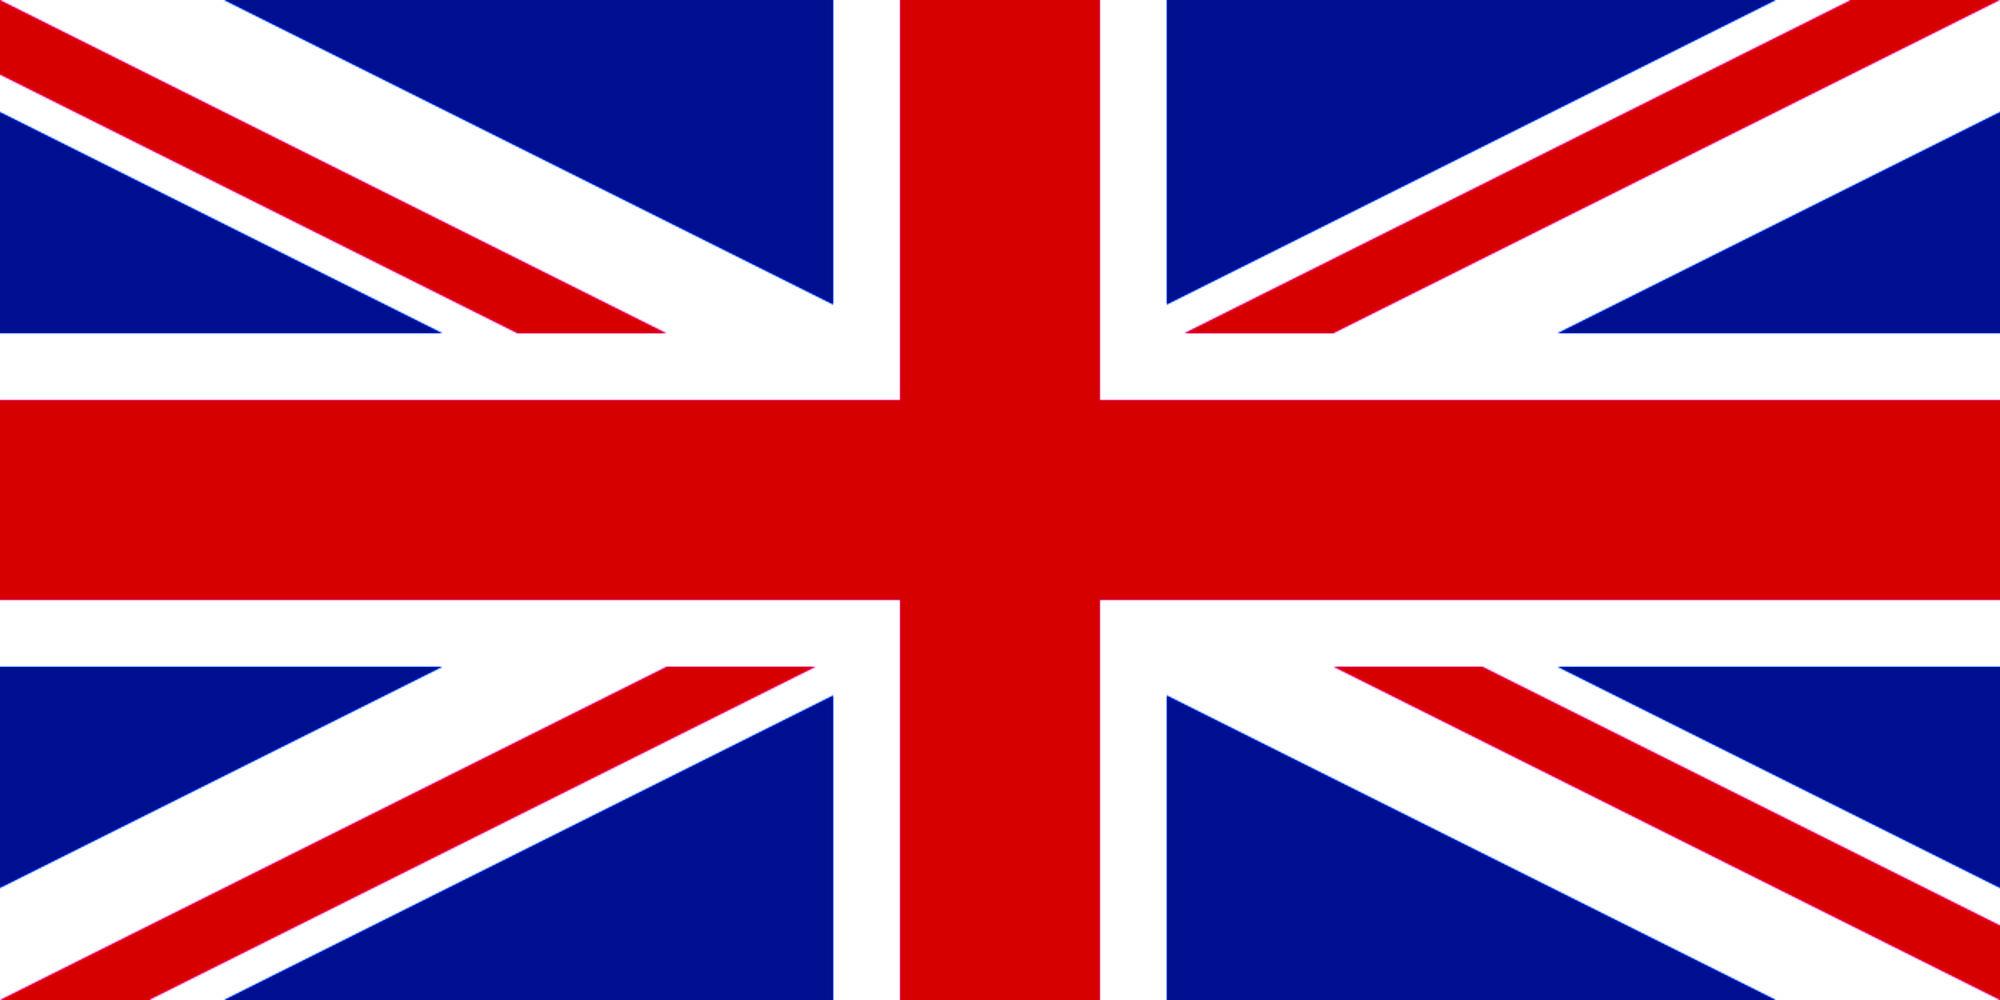 United Kingdom | Millennium Dawn Wiki | FANDOM powered by Wikia